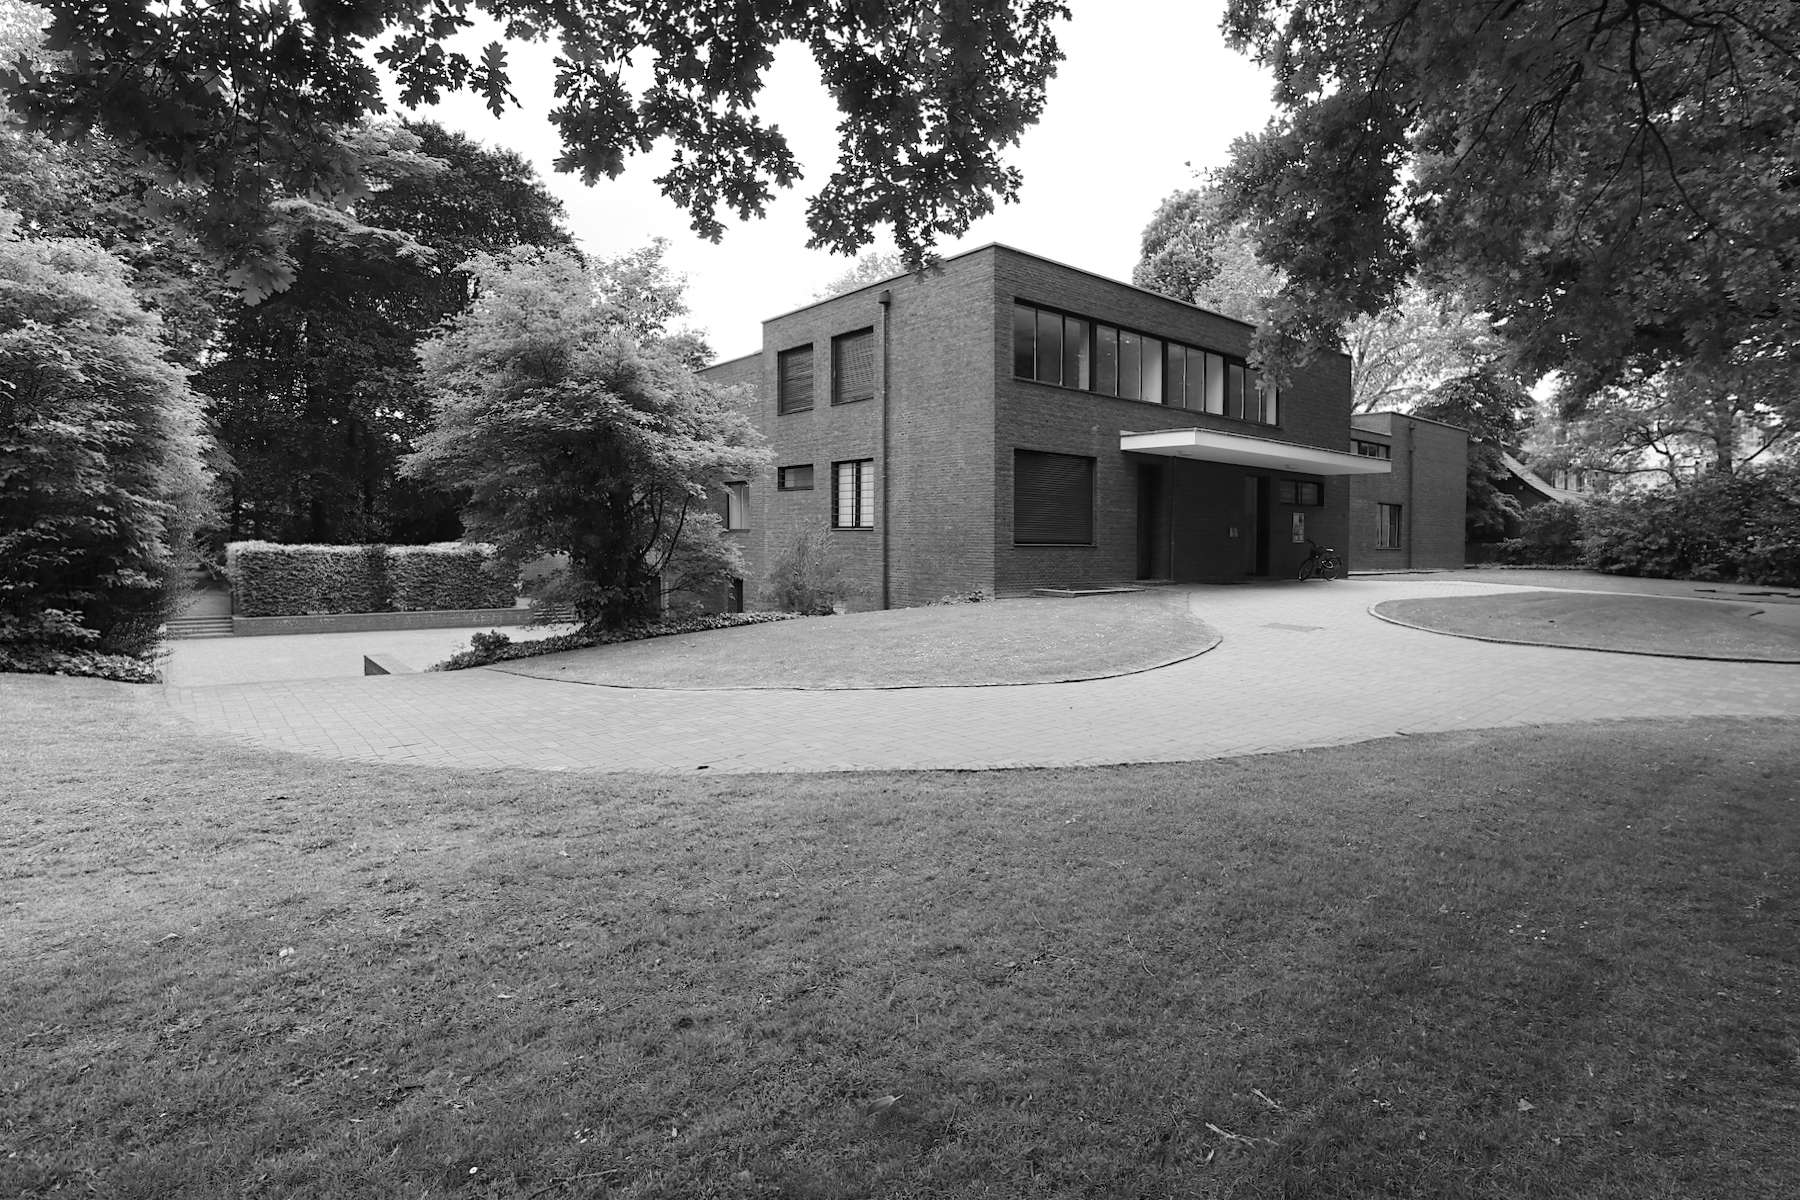 Haus Lange. Die Direktorenvillen Haus Lange und Haus Esters wurden nach den Plänen von Mies van der Rohe zwischen 1927 und 1930 errichtet.